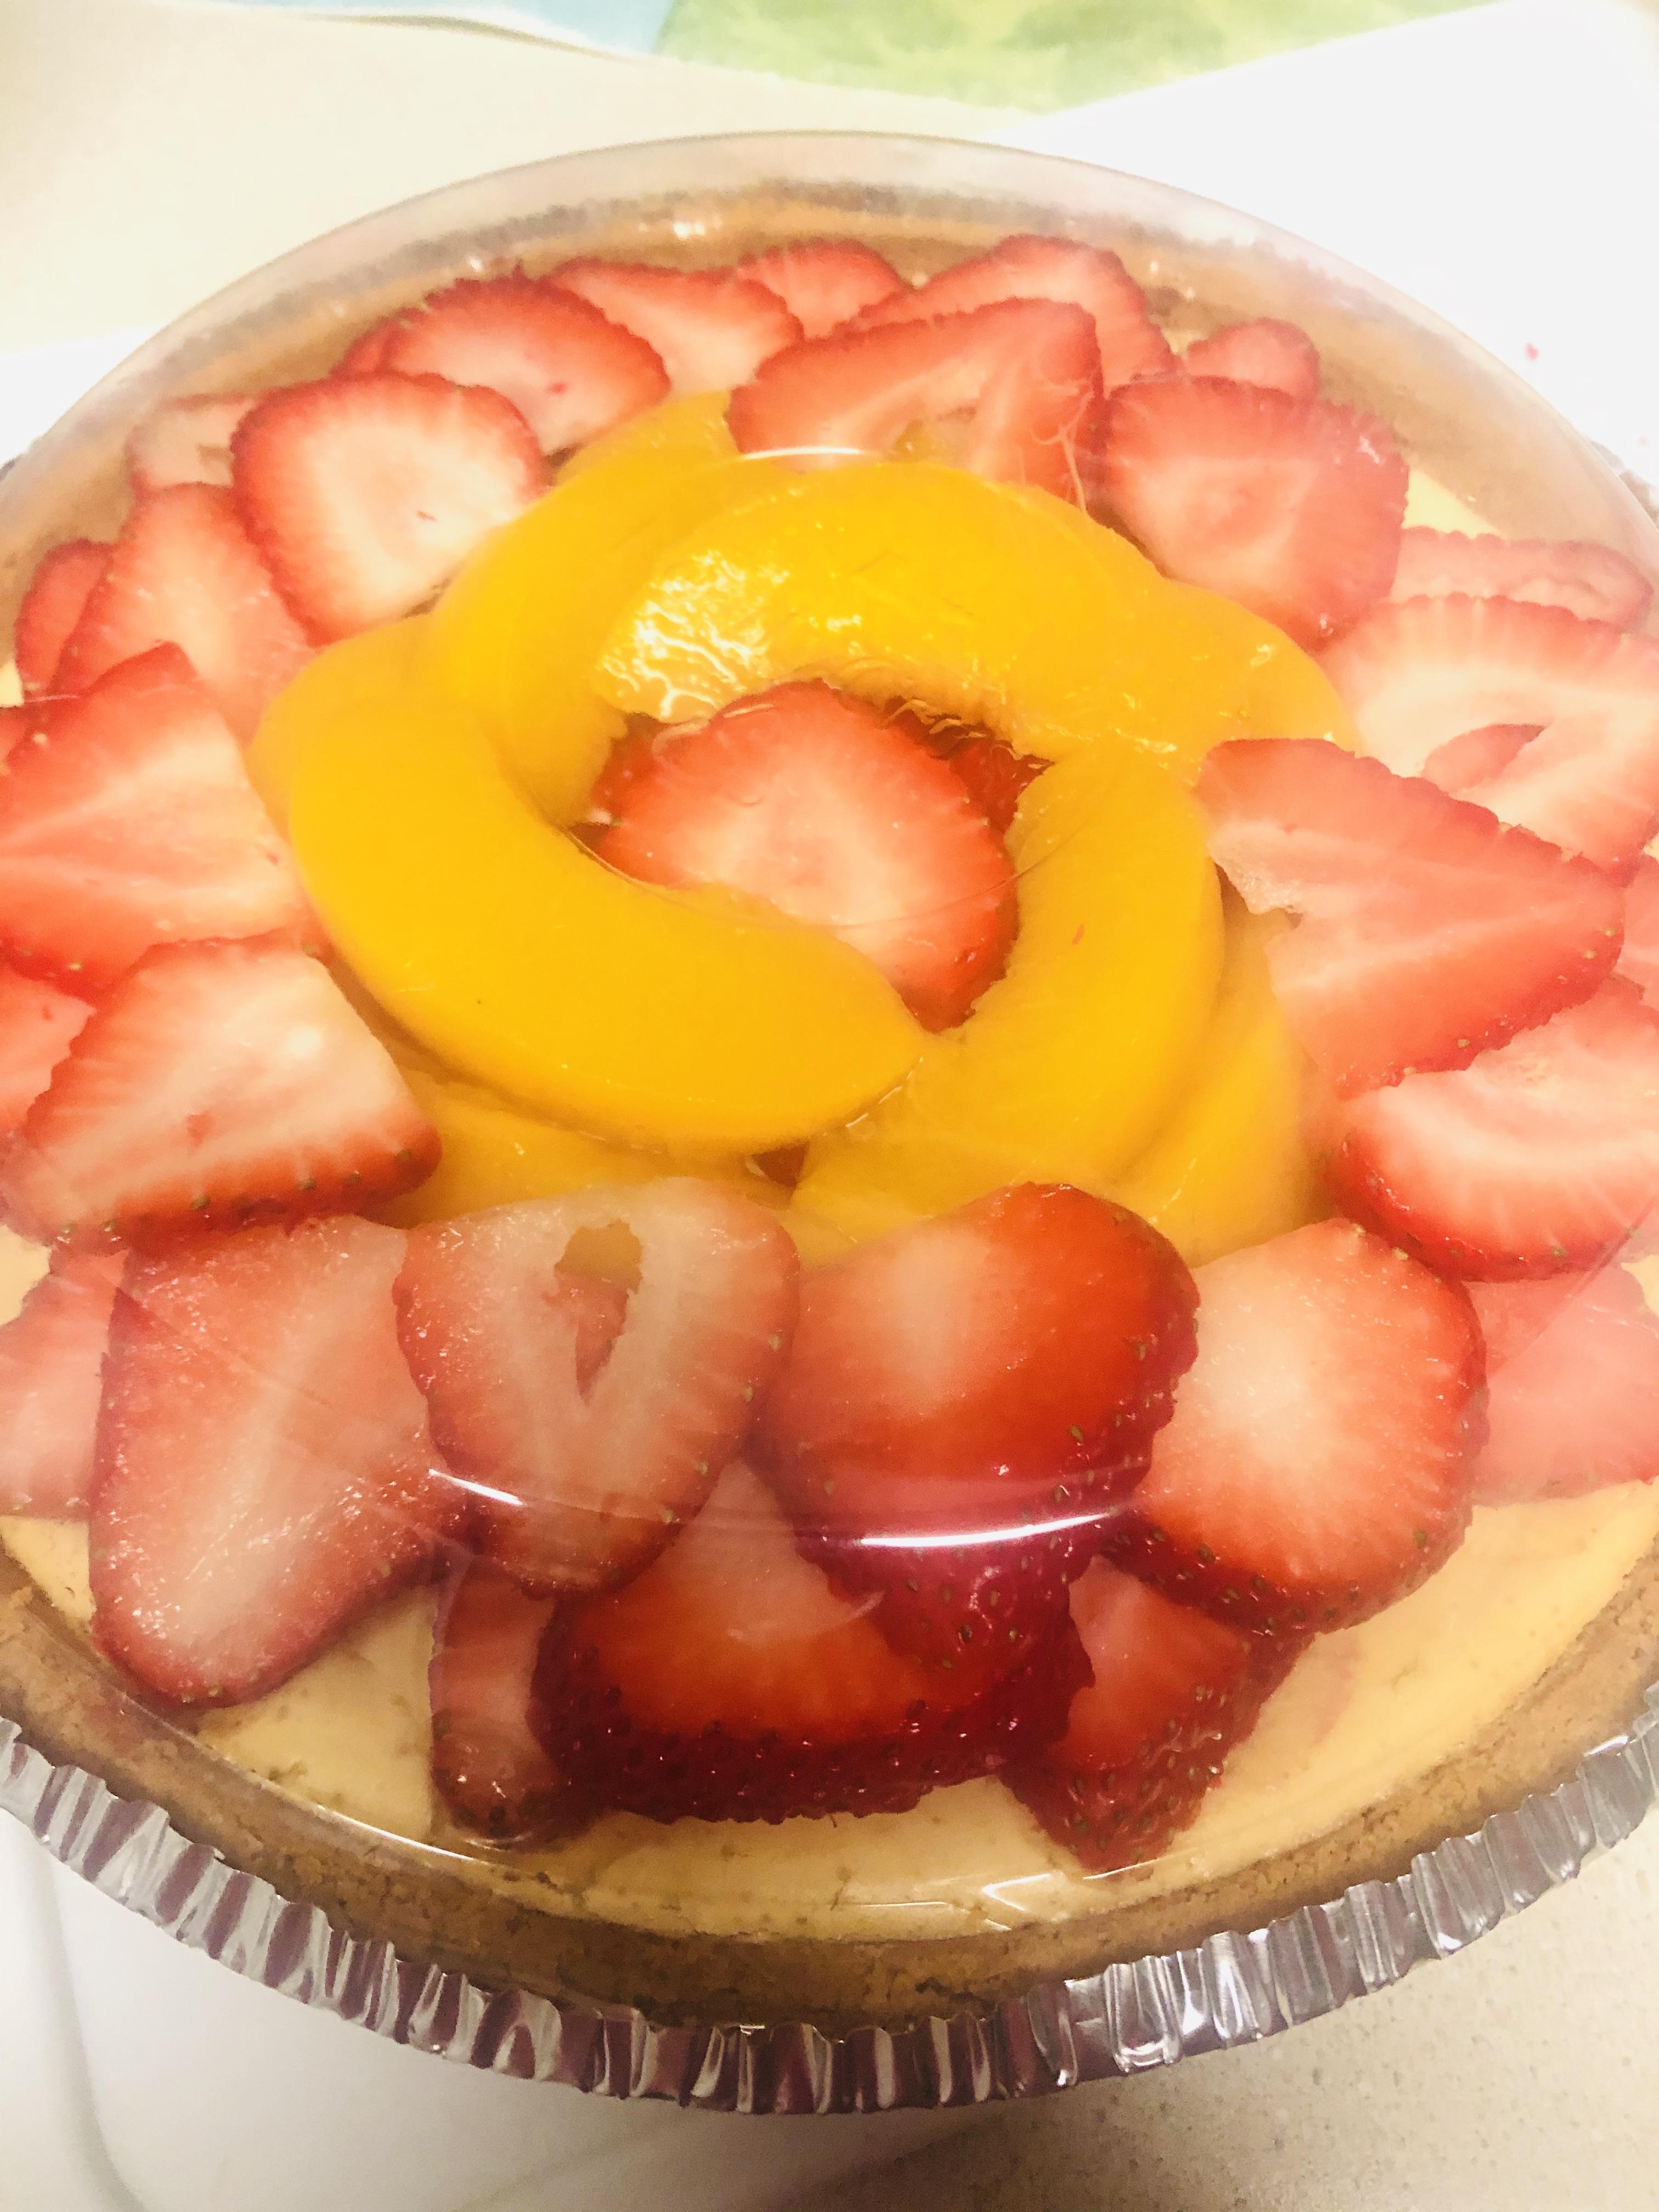 Creamy Baked Cheesecake andrea